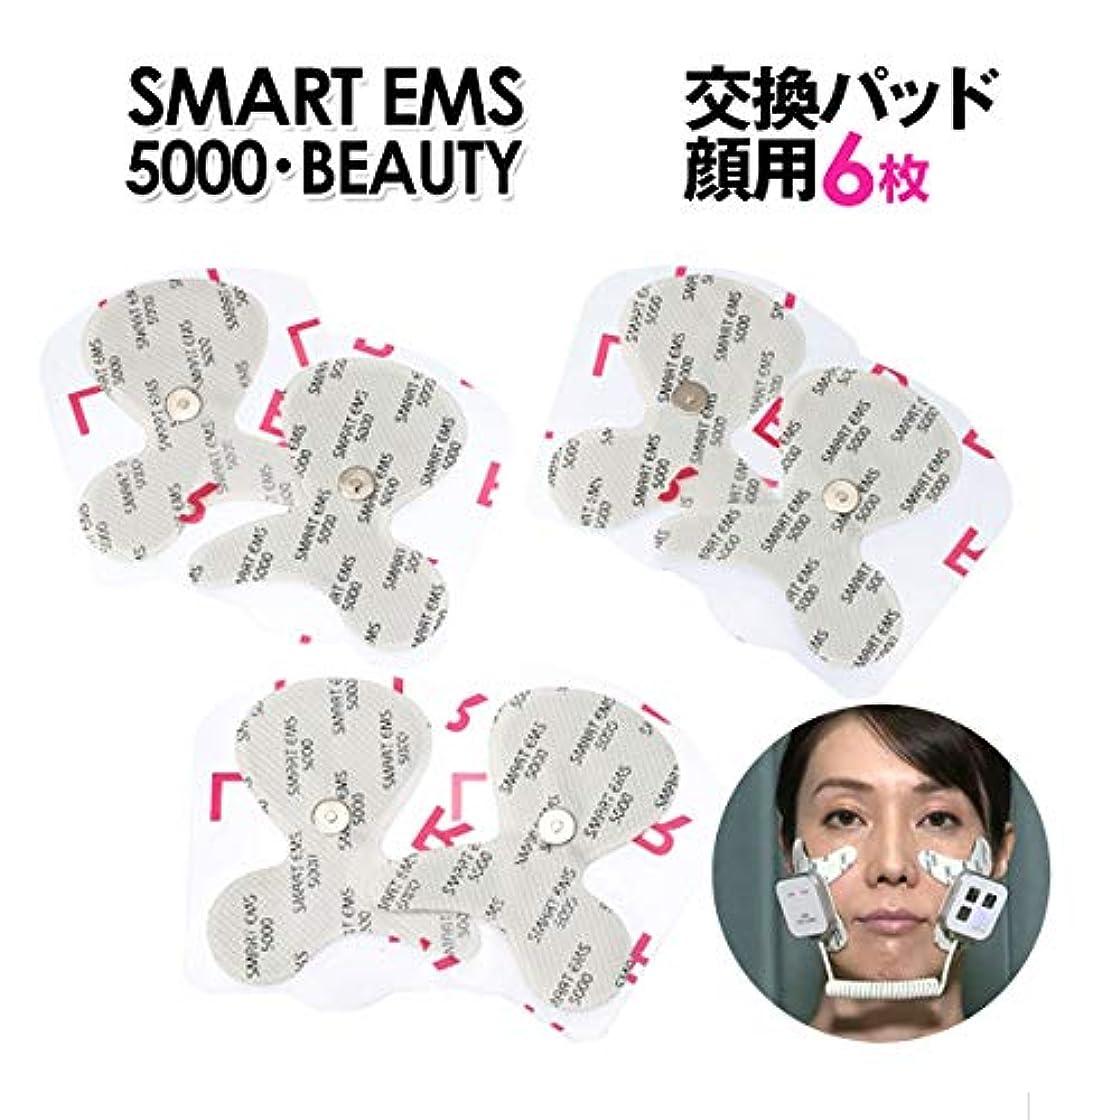 原子炉ドレススパン顔用粘着パッド/Smart EMS 5000、スマートEMS BEAUTY 共用 高機能でコンパクトなサイズ ダイエットマシーン 腹筋マシーン 顔用粘着パッド (EMS パッド(2枚組み3セット))